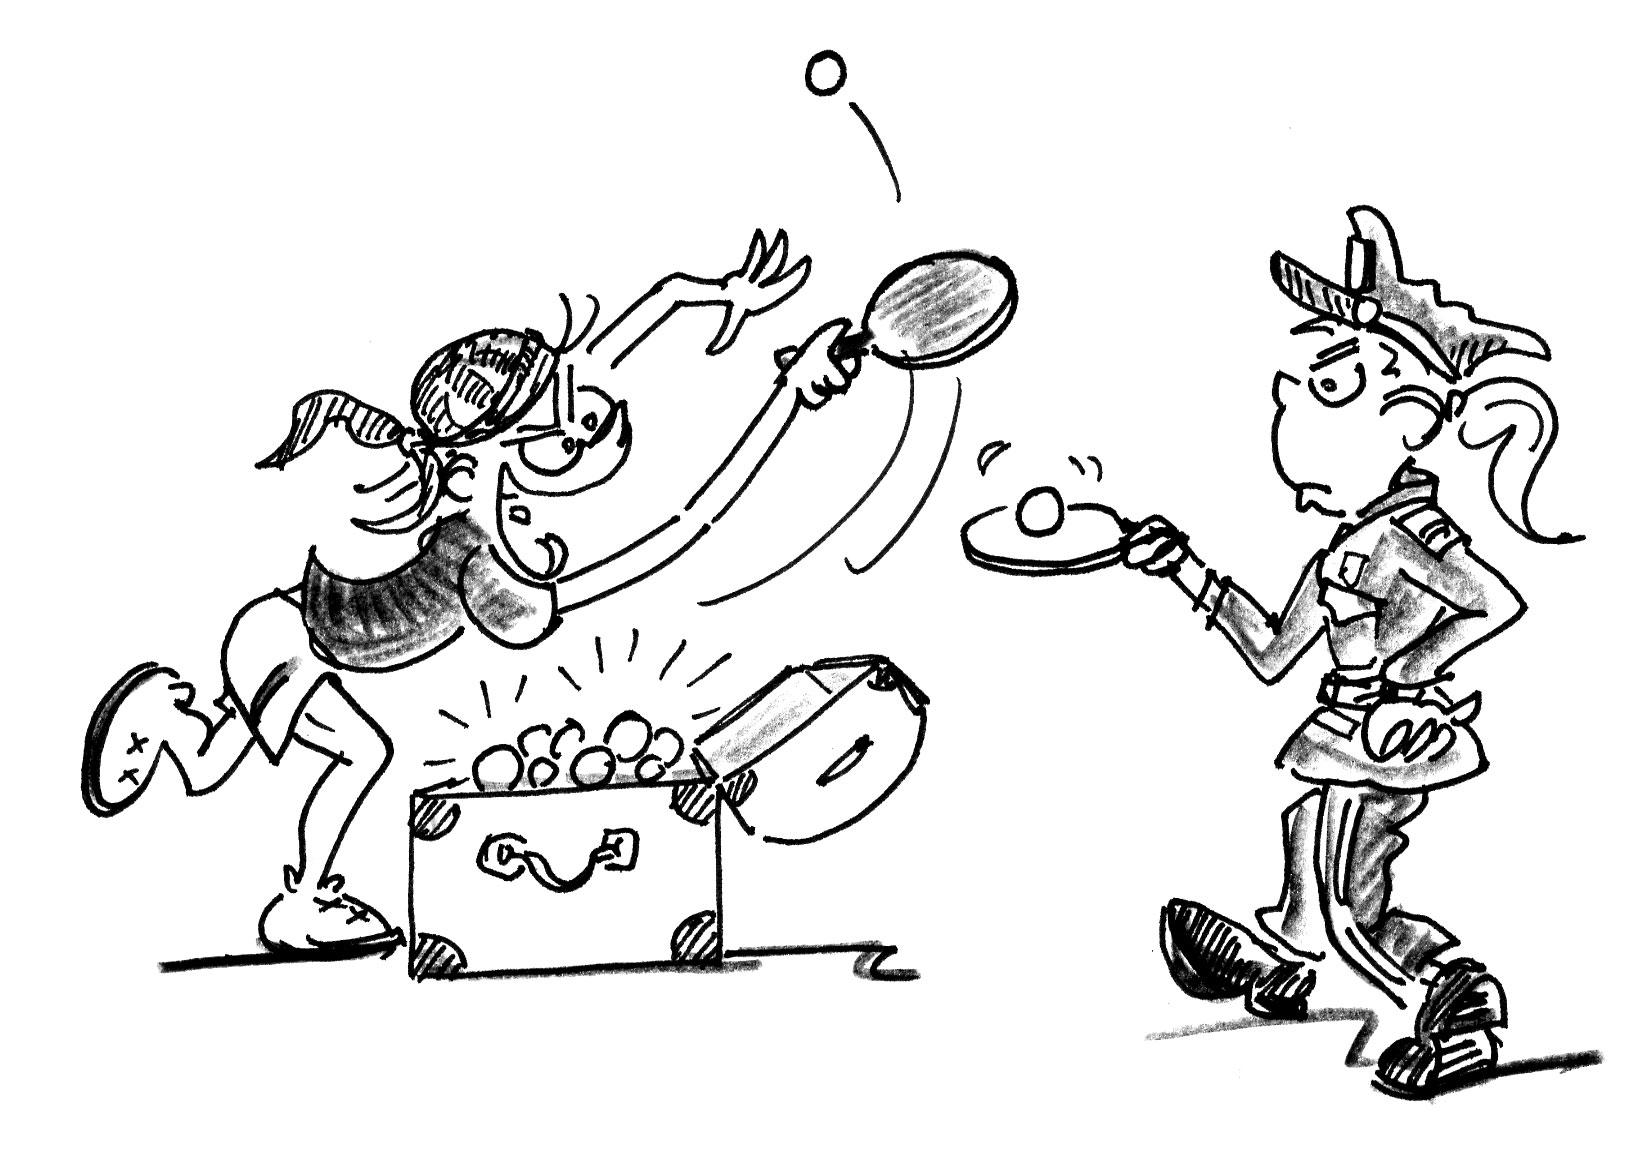 Jeux De Renvoi Avec Enfants – Tennis De Table: Police Et à Jeux Ludique Pour Enfant